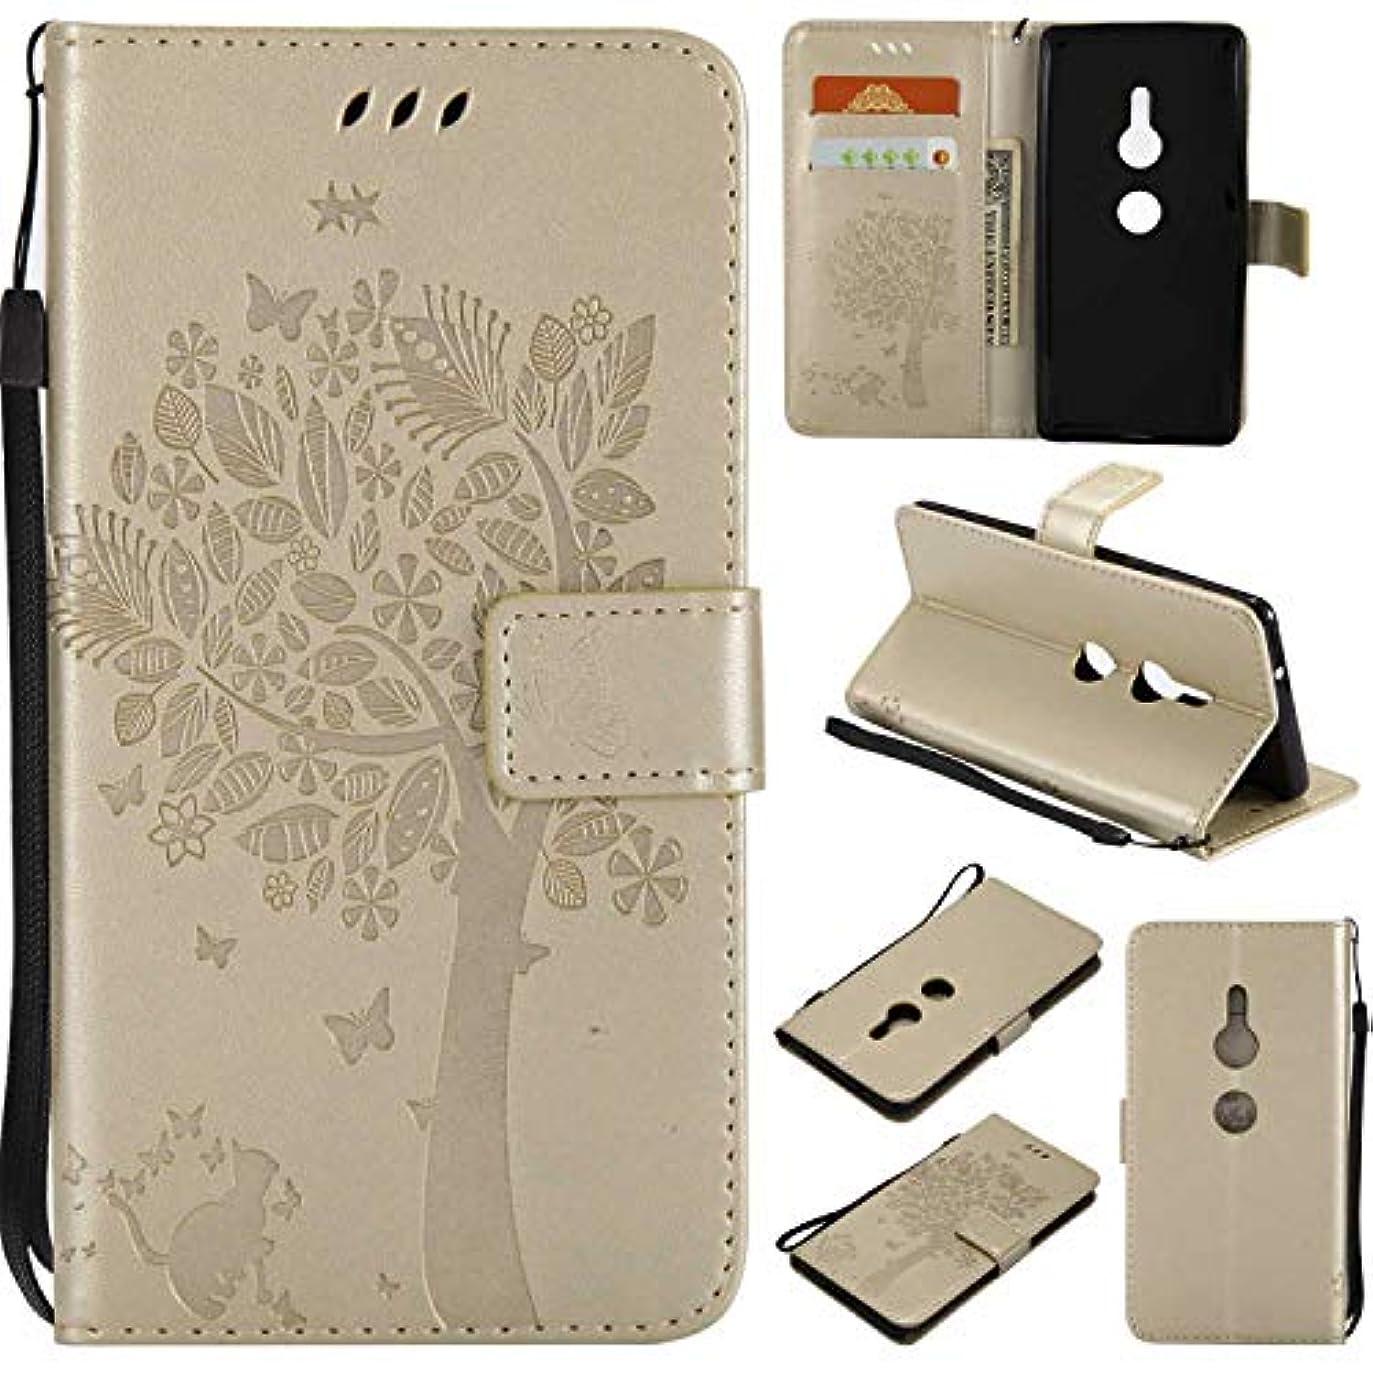 分類証言するフローティングOMATENTI Sony Xperia XZ2 ケース 手帳型ケース ウォレット型 カード収納 ストラップ付き 高級感PUレザー 押し花木柄 落下防止 財布型 カバー Sony Xperia XZ2 用 Case Cover, 白